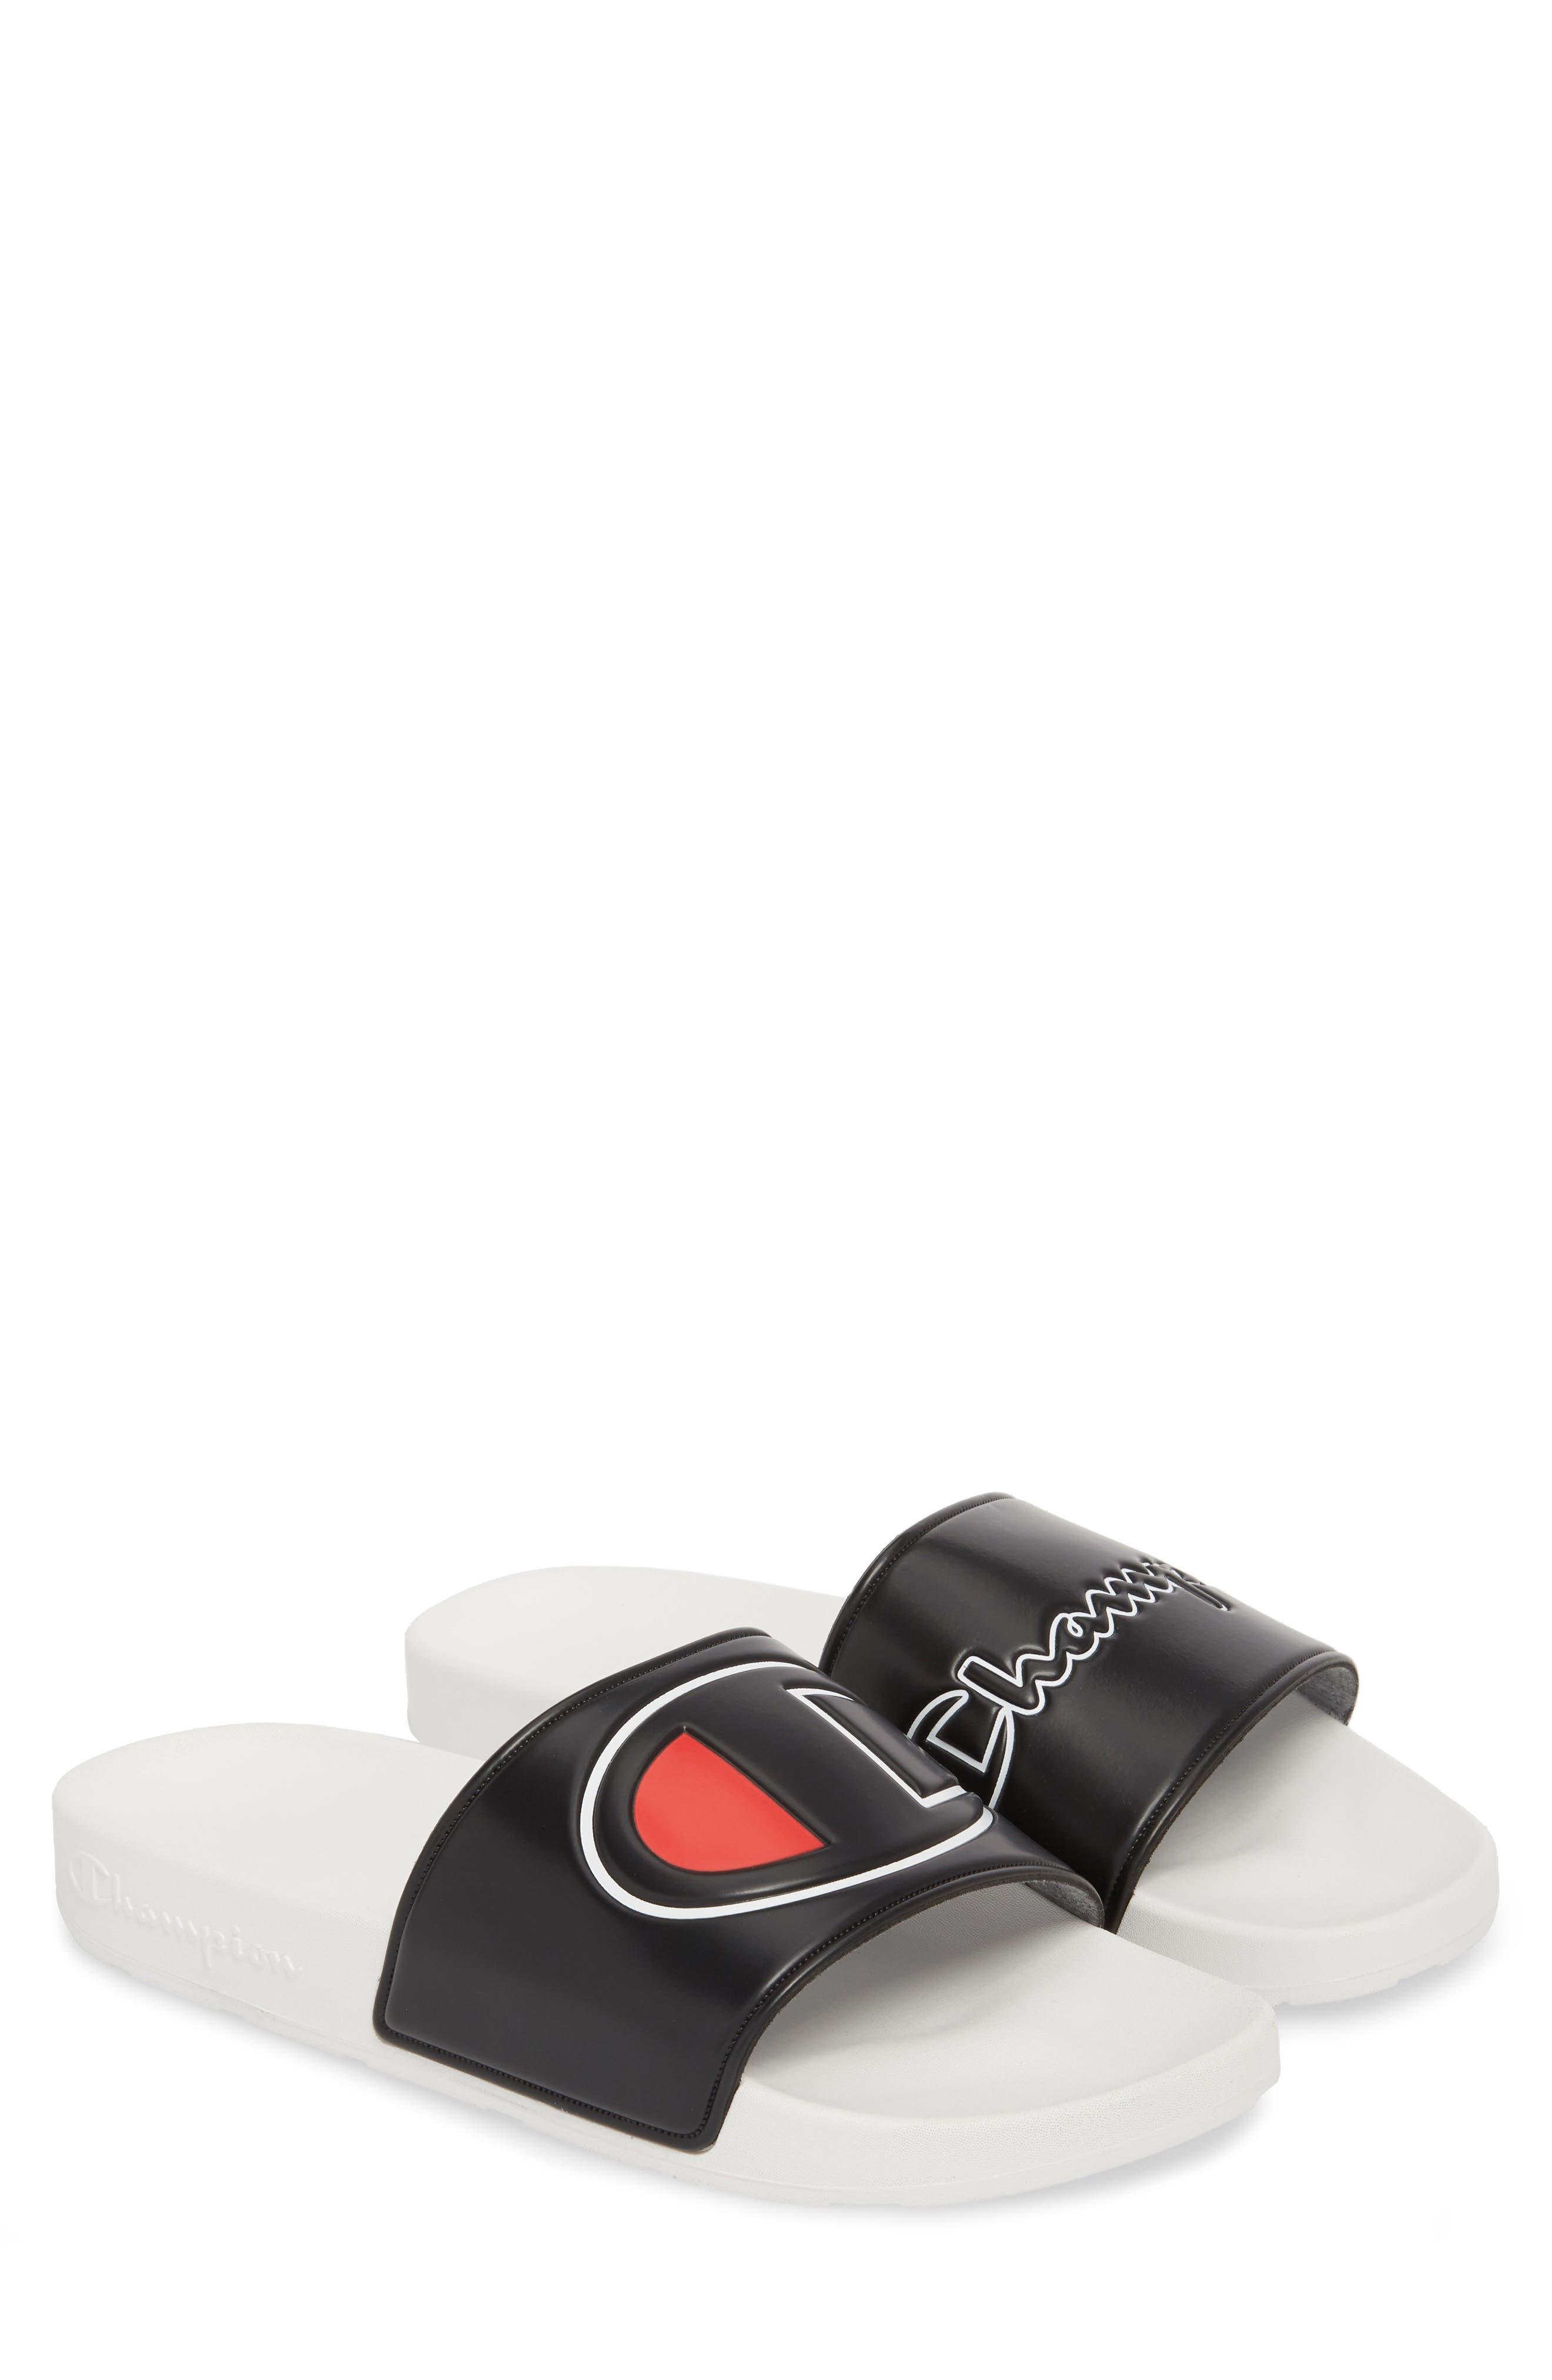 IPO Sport Slide Sandal,                             Alternate thumbnail 2, color,                             001